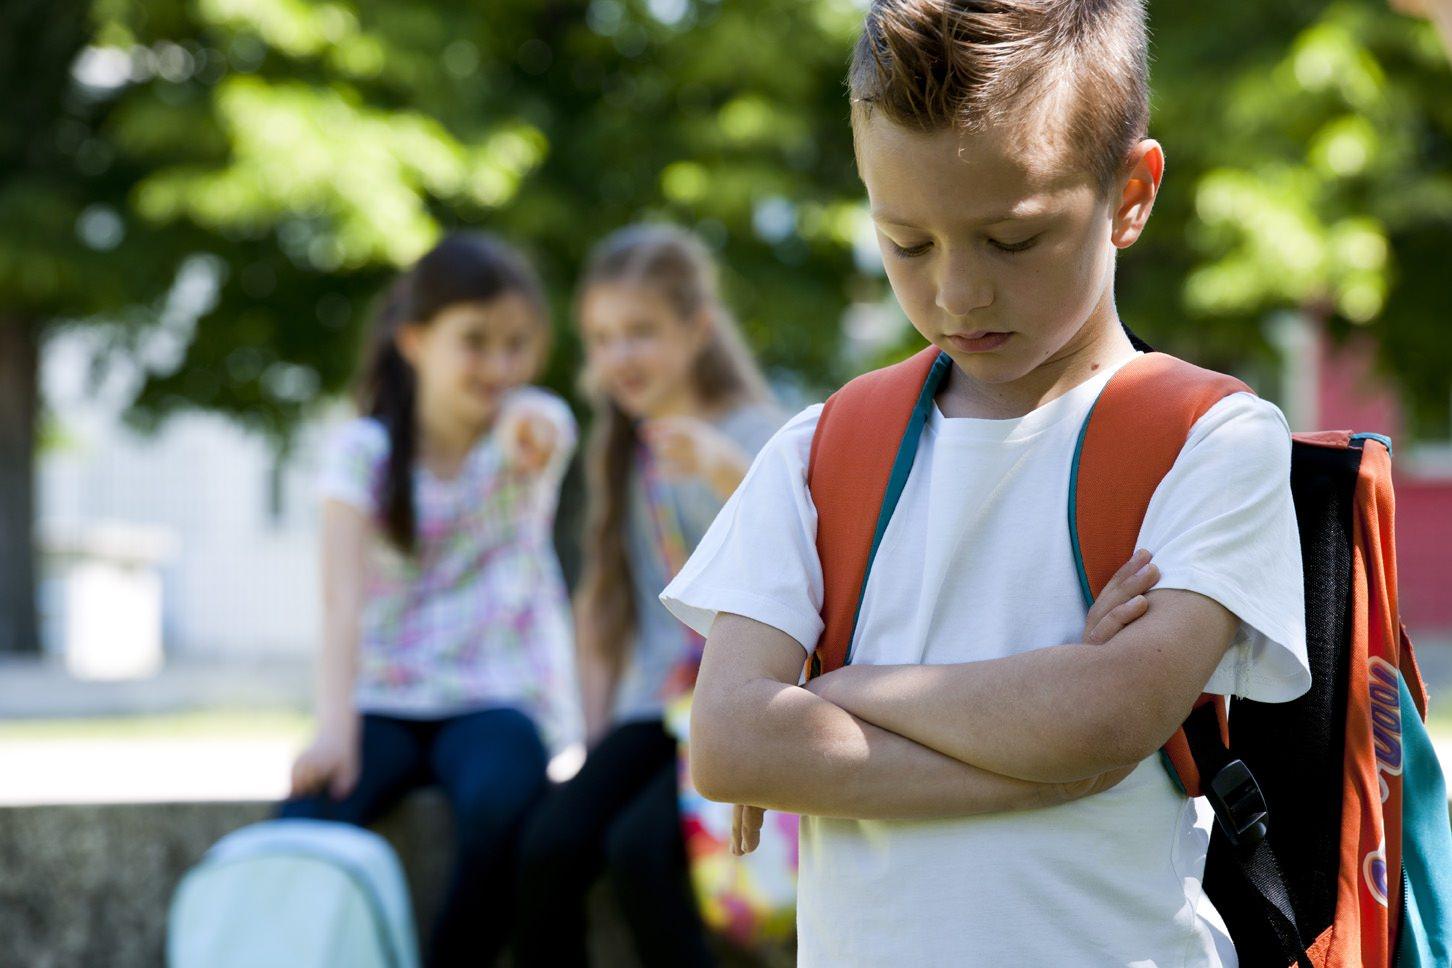 Lo scappellotto all'alunno può integrare reato